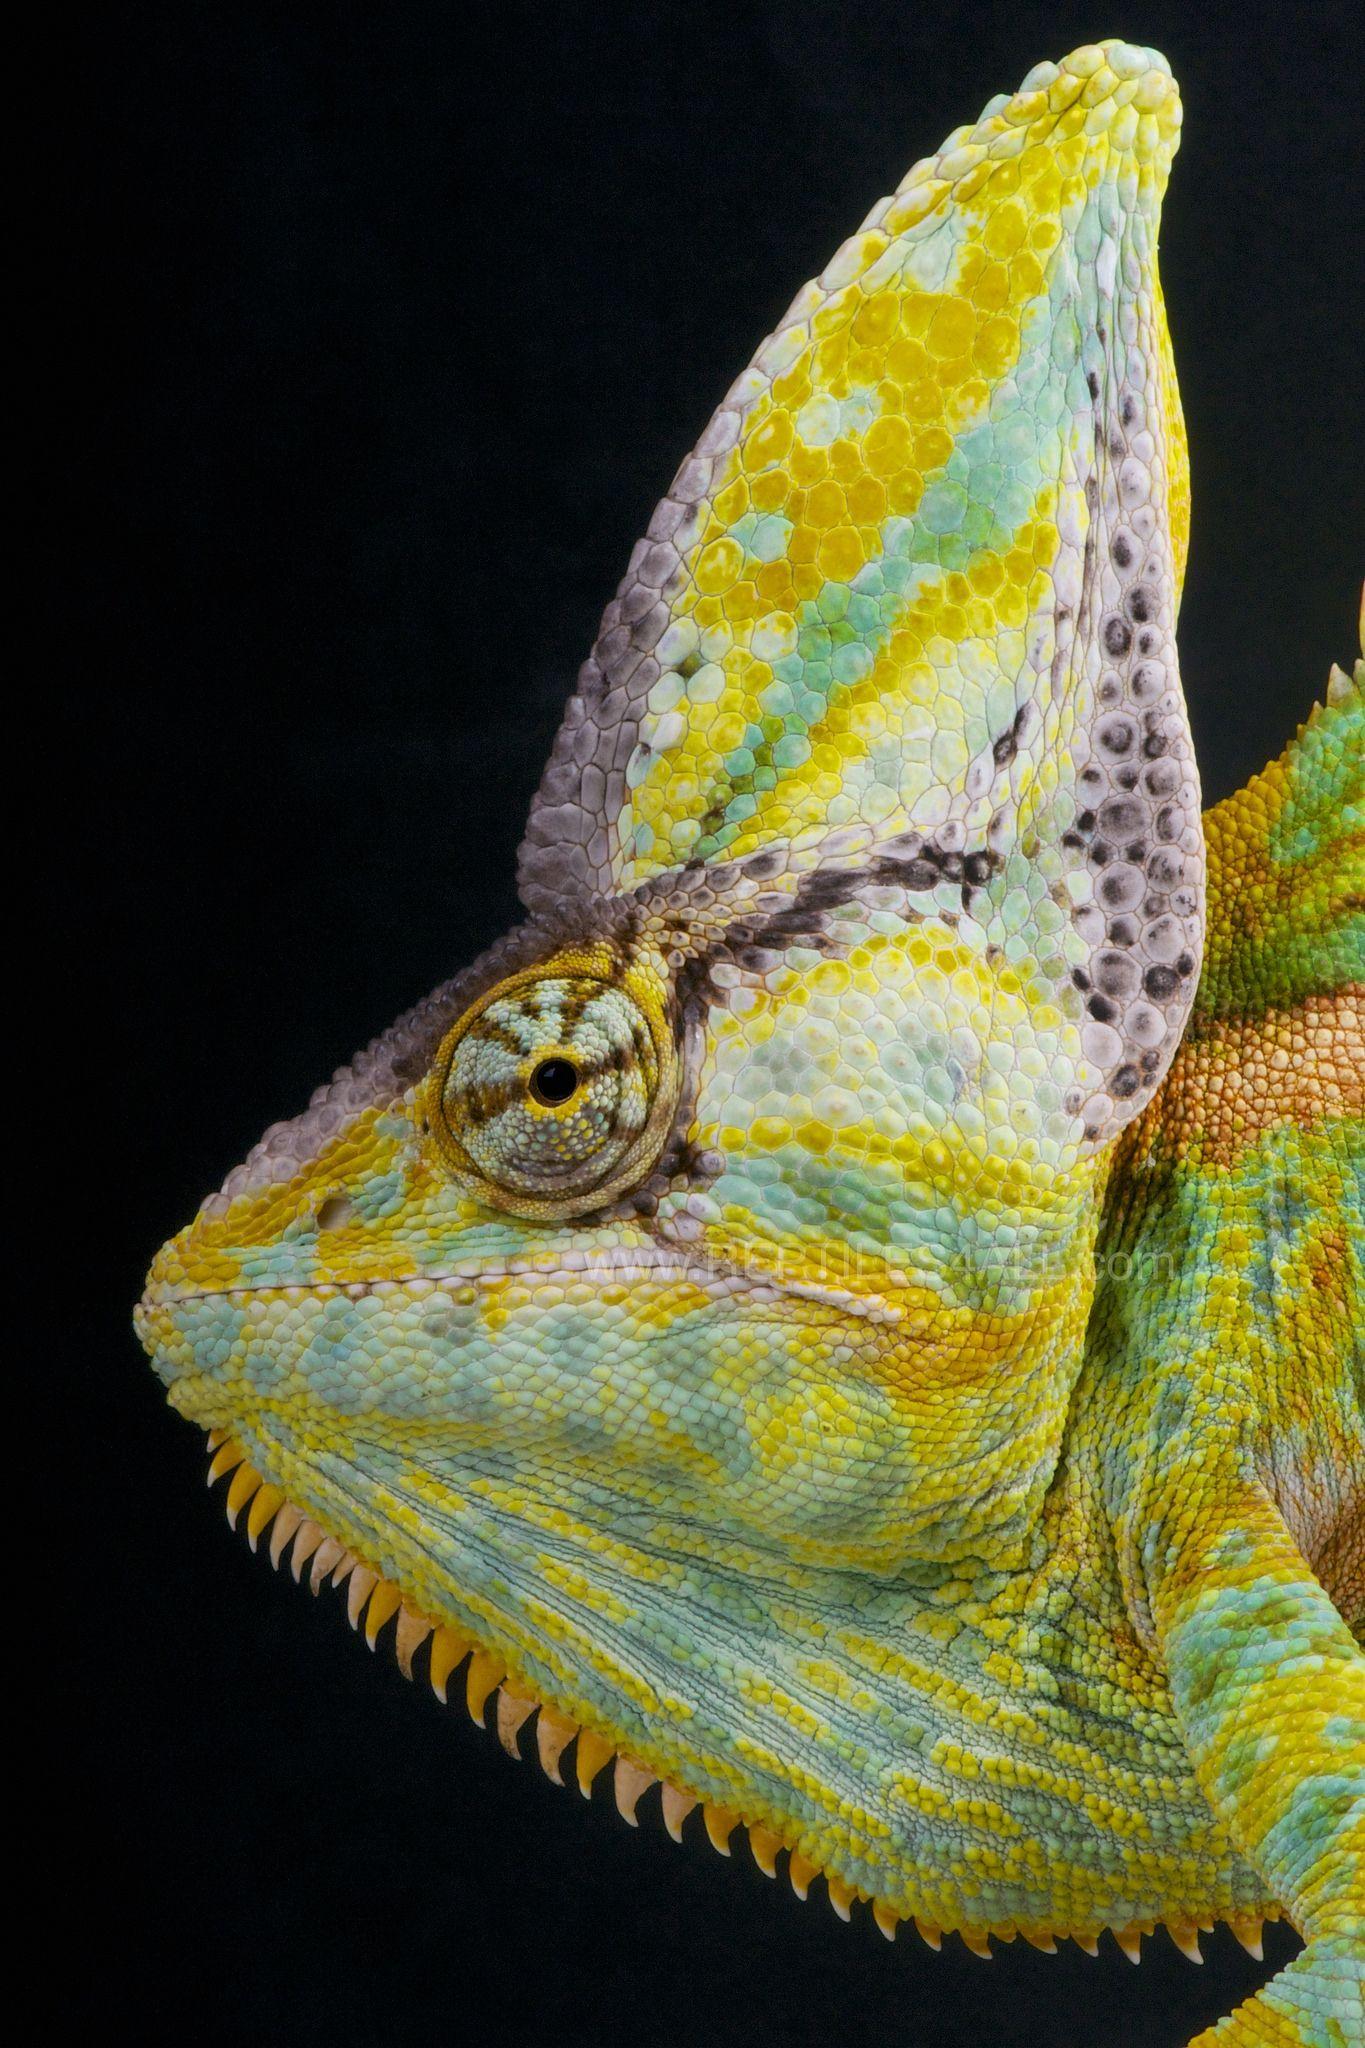 Cone Head Chameleon Chamaeleo Calyptratus Colorful Lizards Veiled Chameleon Chameleon Lizard